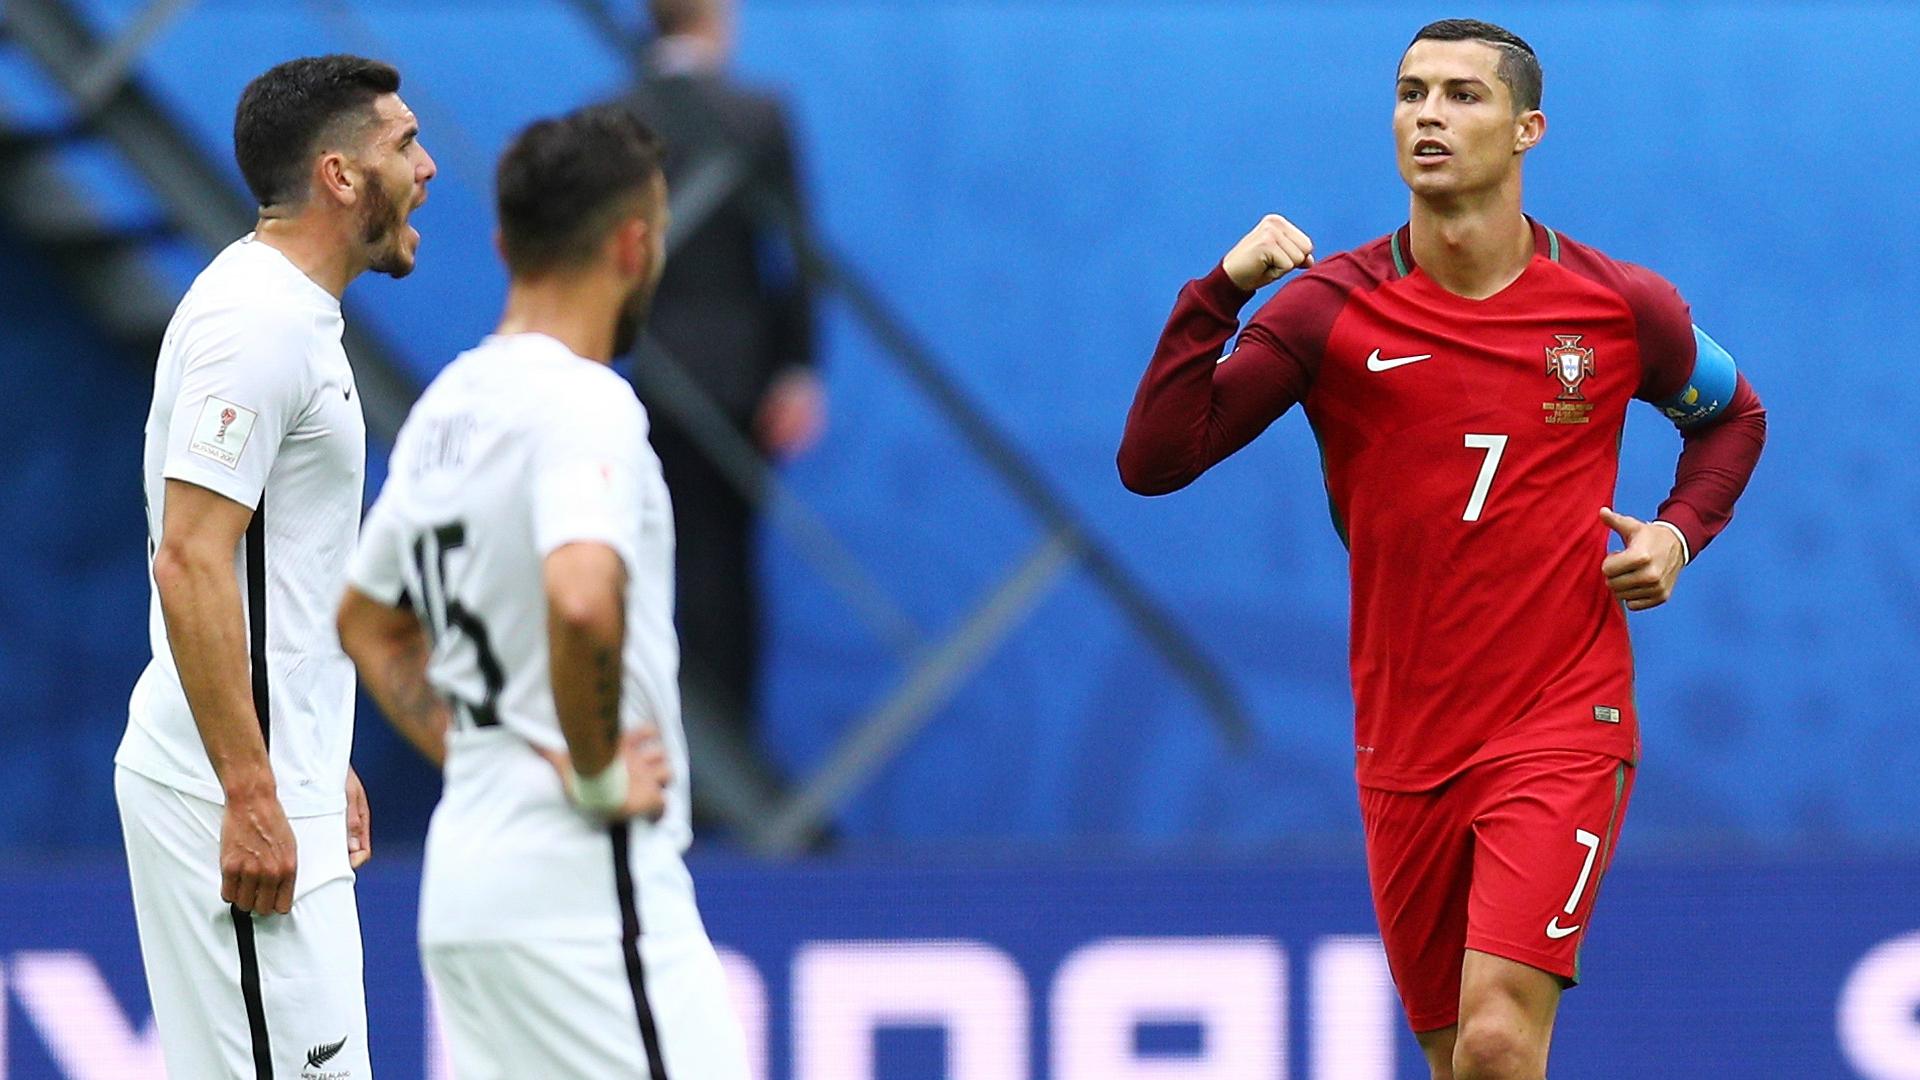 Đội hình hay nhất vòng bảng Confeds Cup 2017: Ngả mũ trước Ronaldo - Bóng Đá